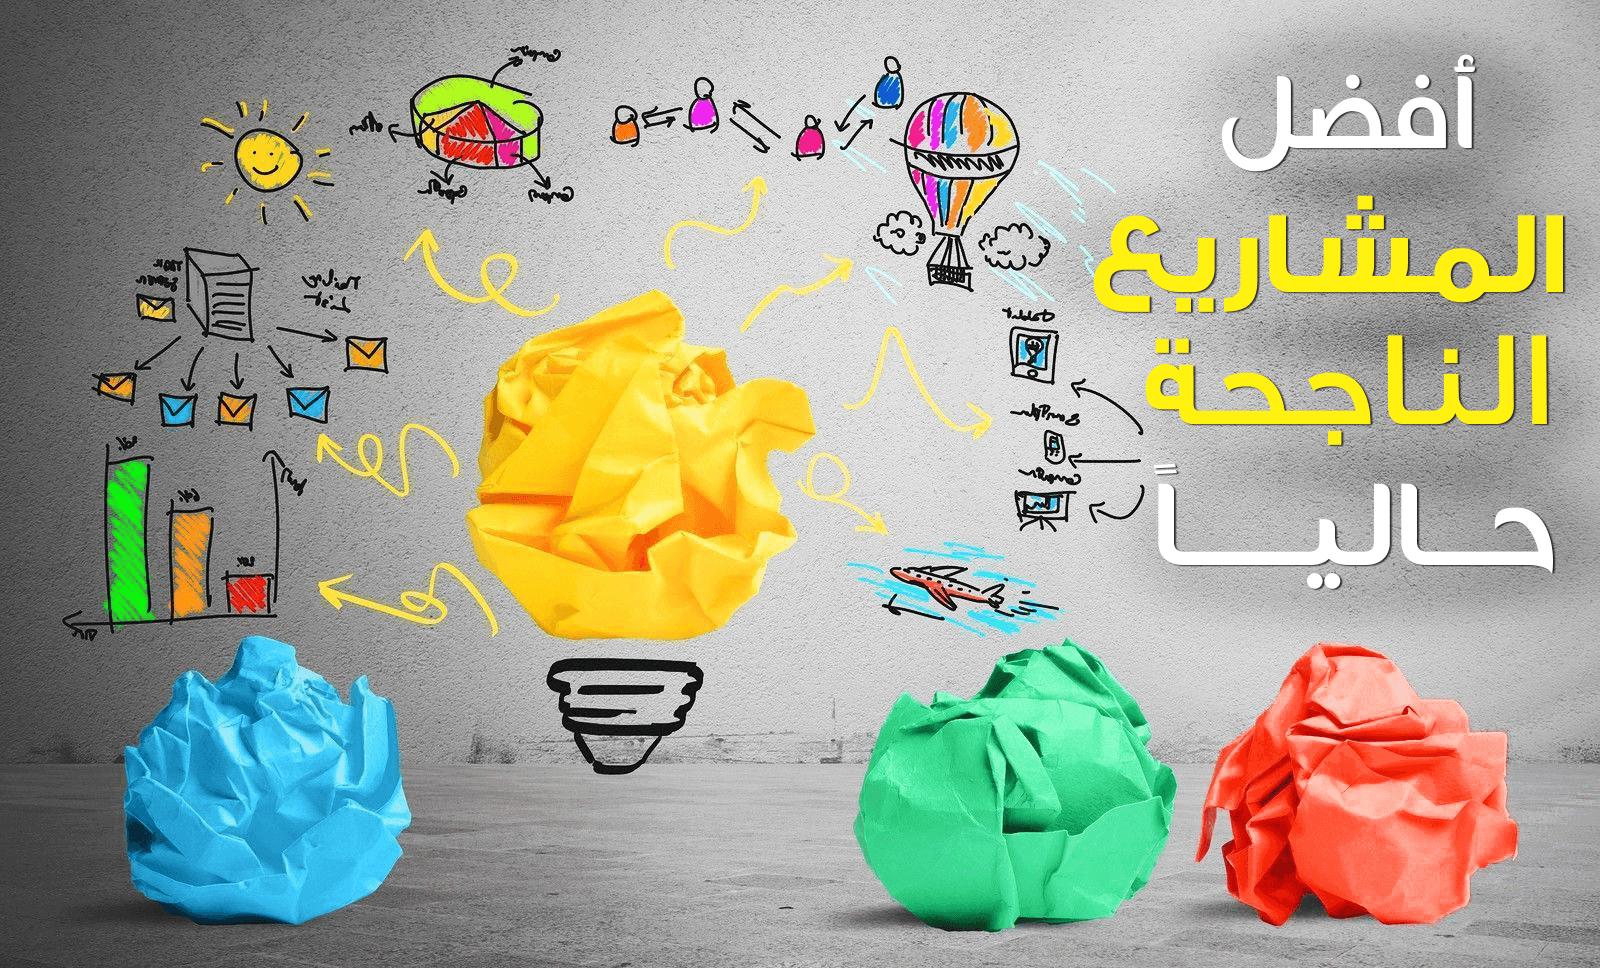 قائمة لأفضل أفكار المشاريع الناجحة والمربحة حاليا